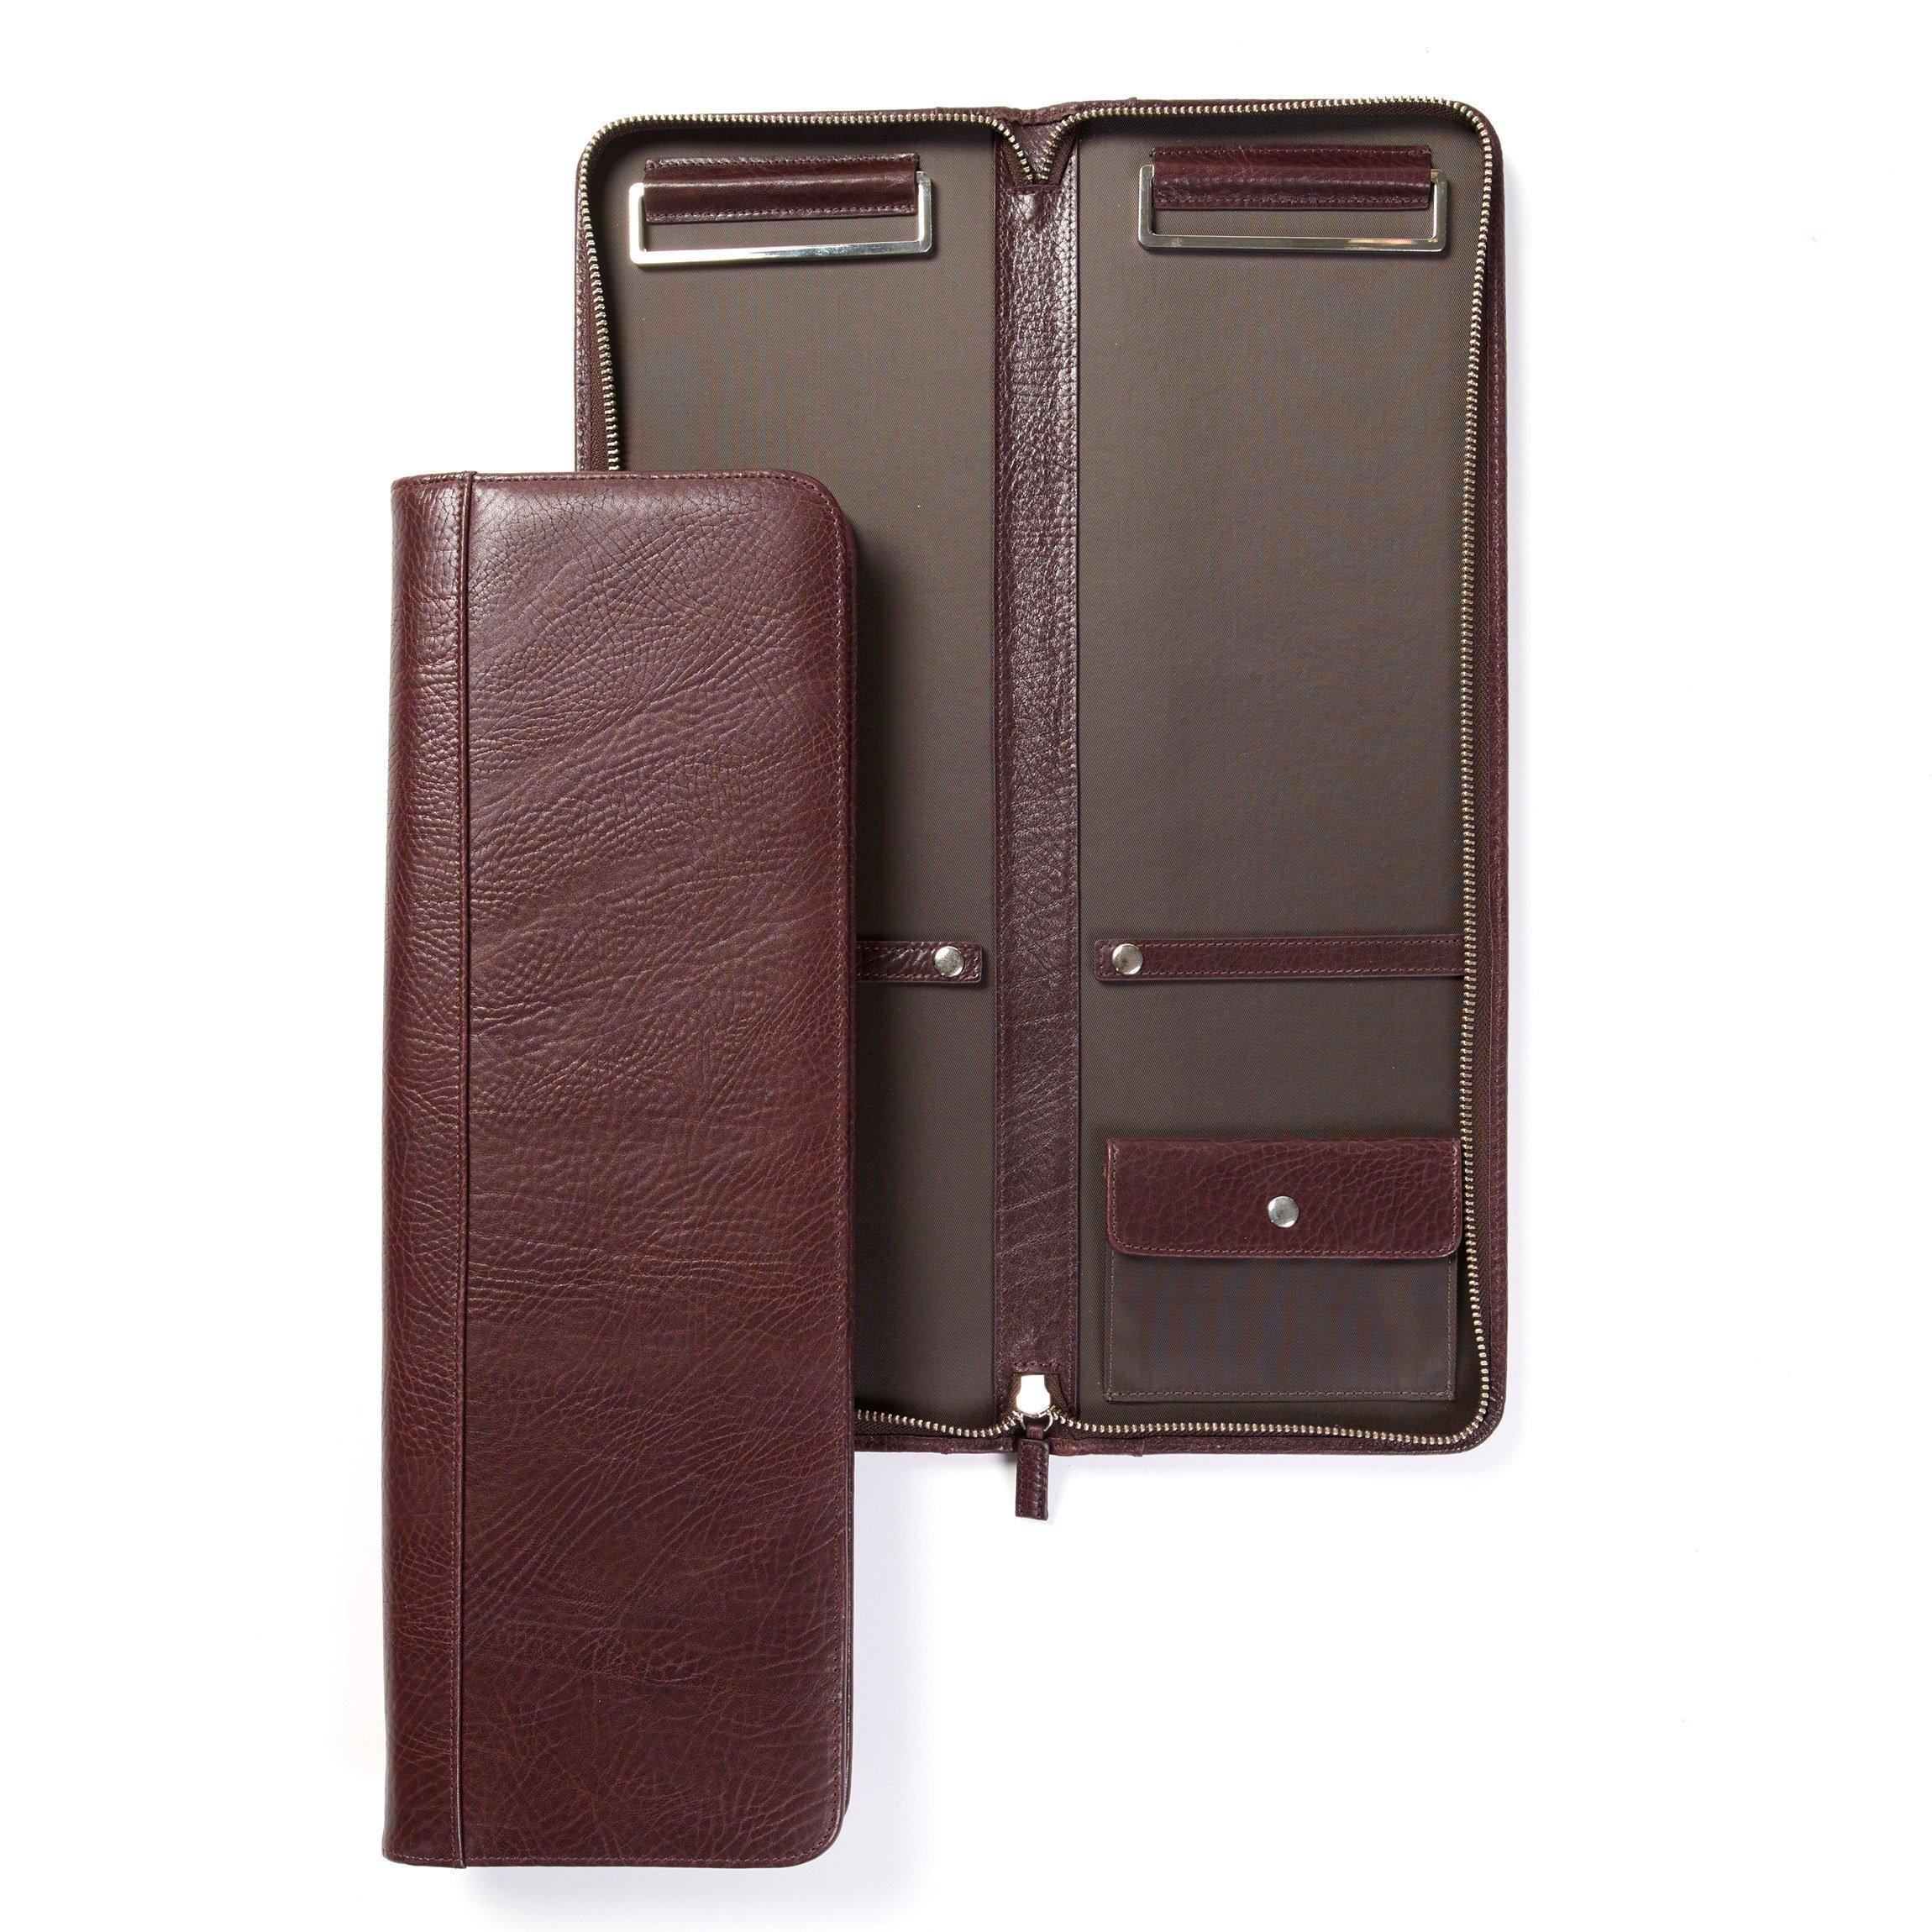 Tie Case - Italian Leather - Espresso (brown)